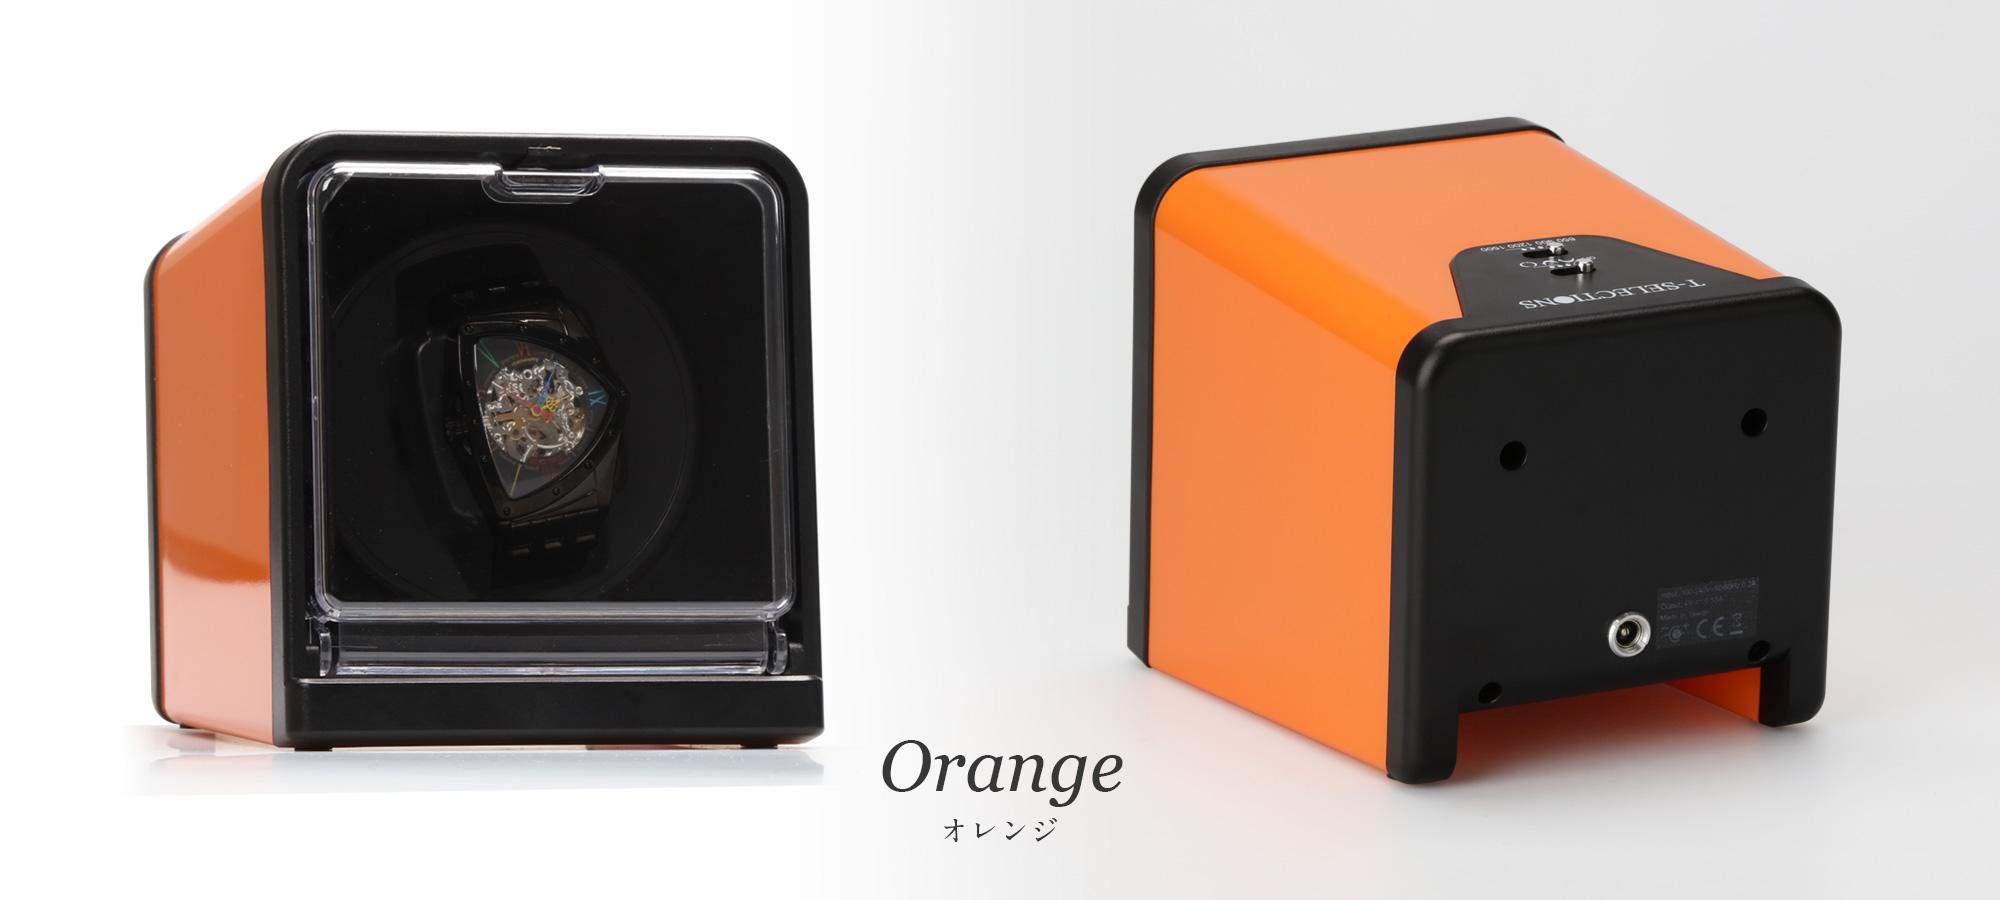 T005112 オレンジ